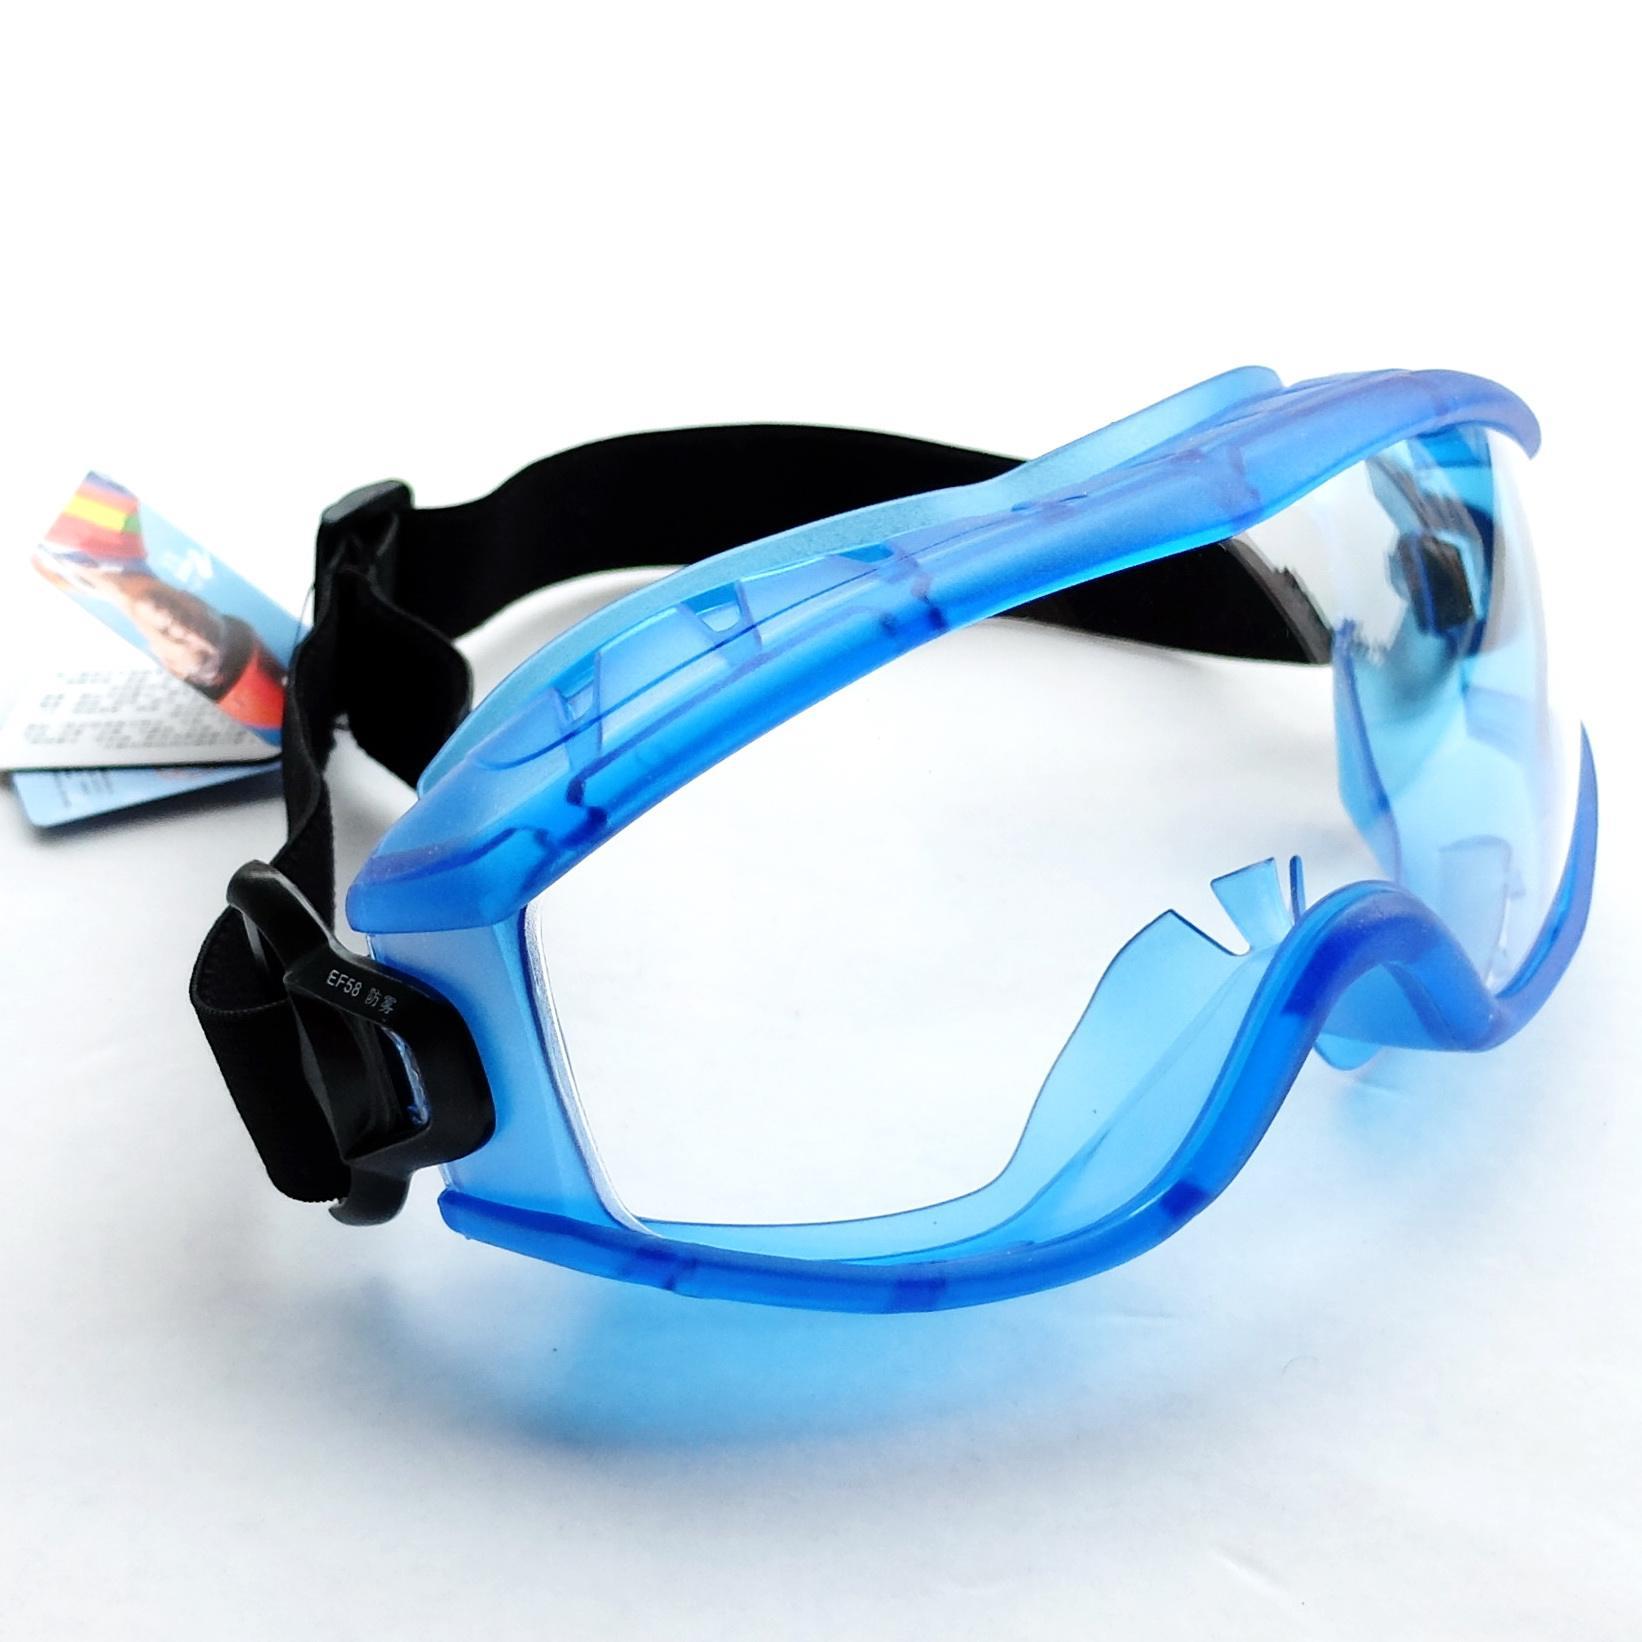 浙江第三方检测机构眼镜检测如何申请办理